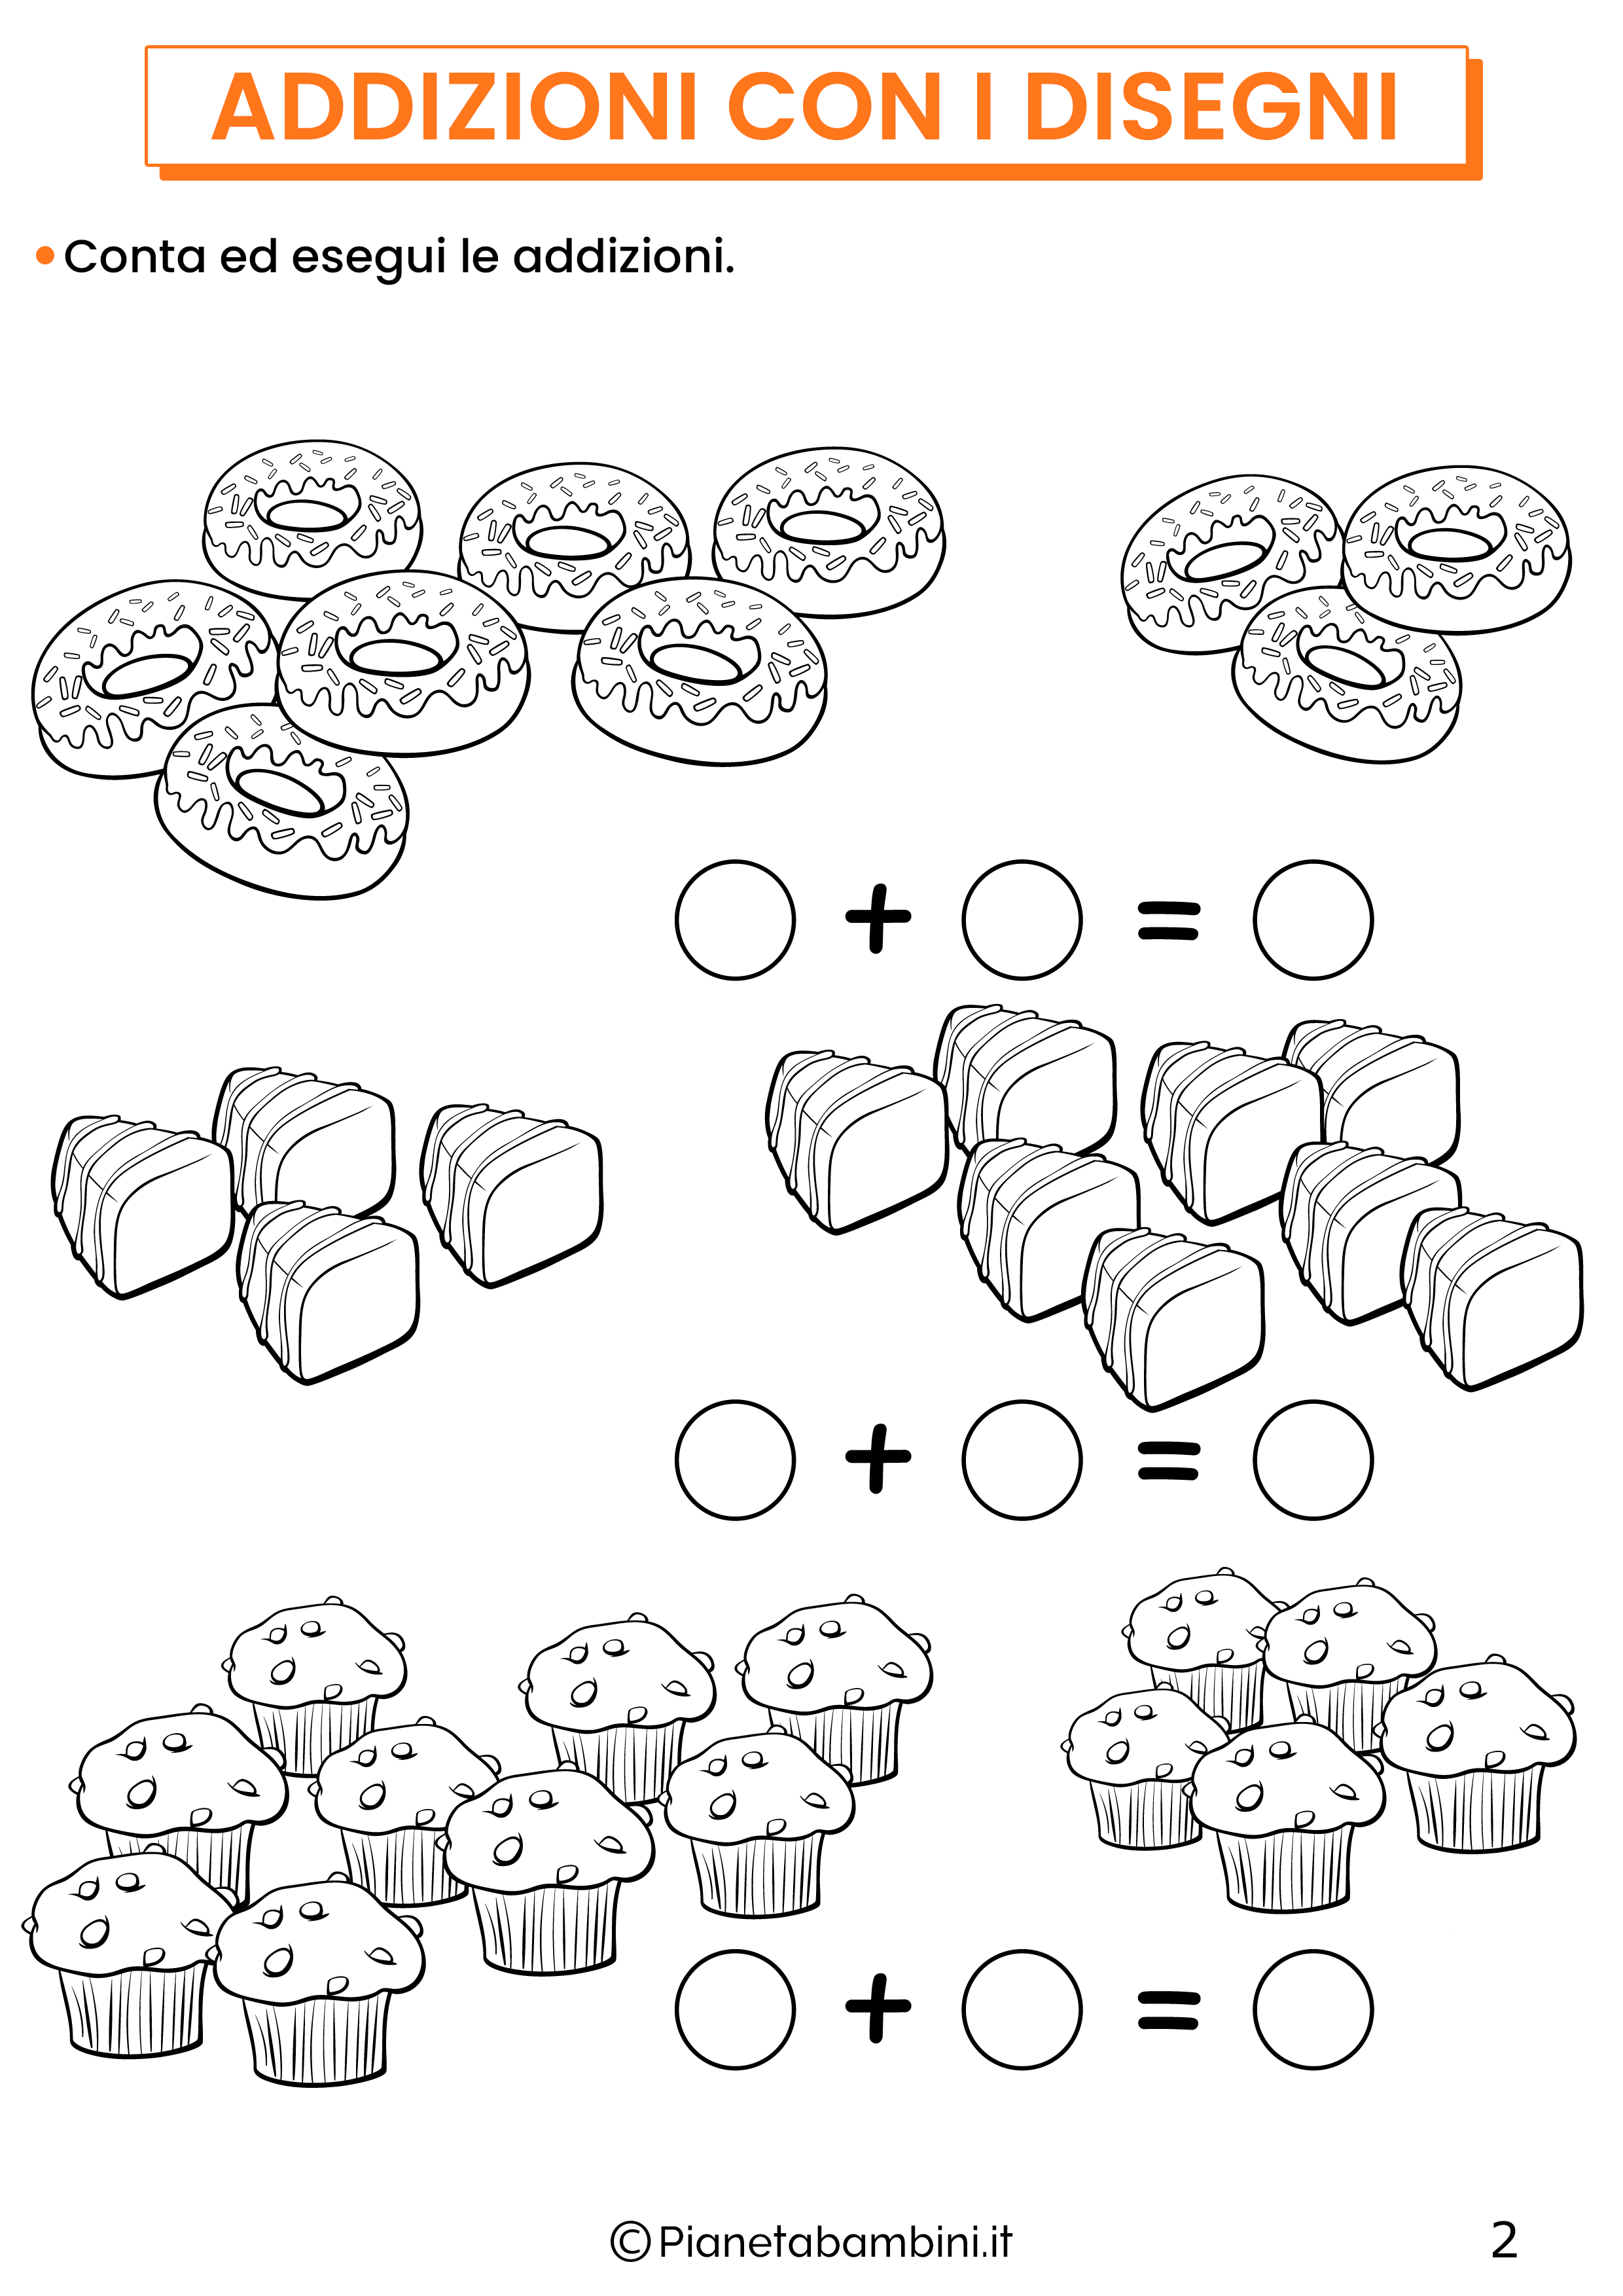 Addizioni con disegni per la classe prima pagina 2